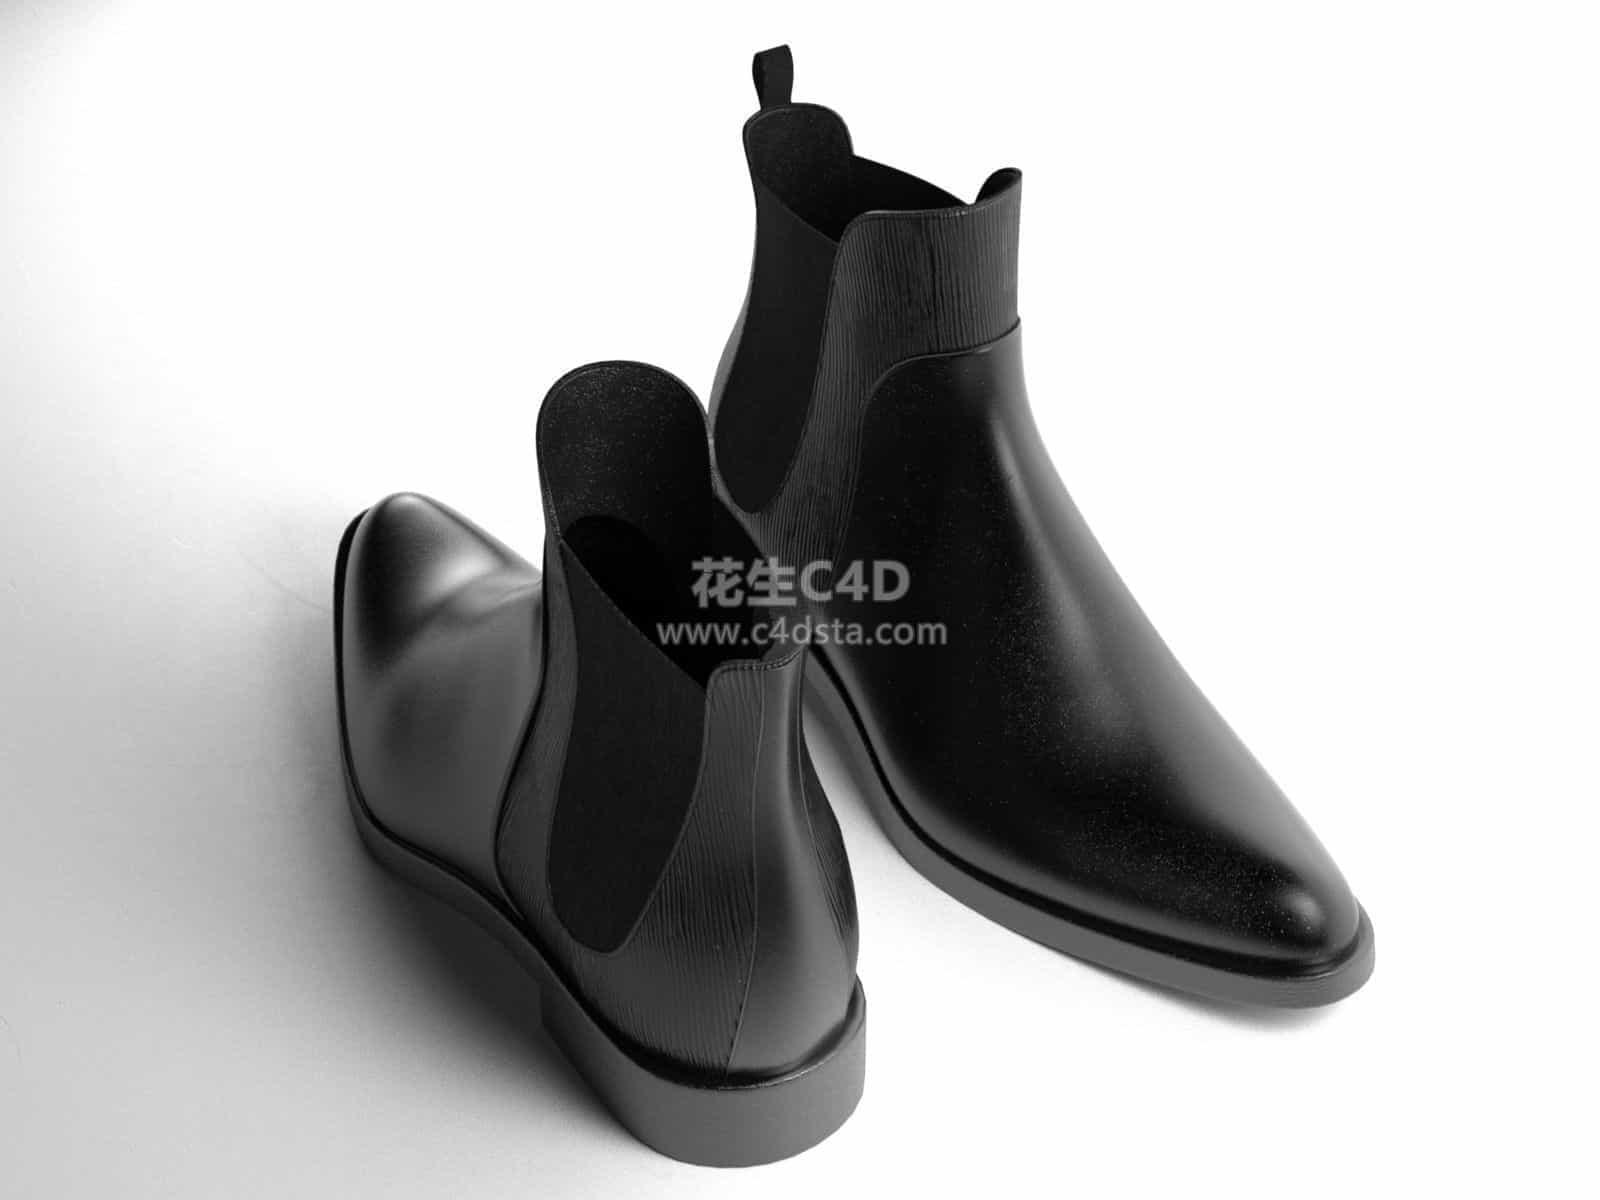 三维模型-超精细女士皮鞋短款马丁靴模型 626CG资源站